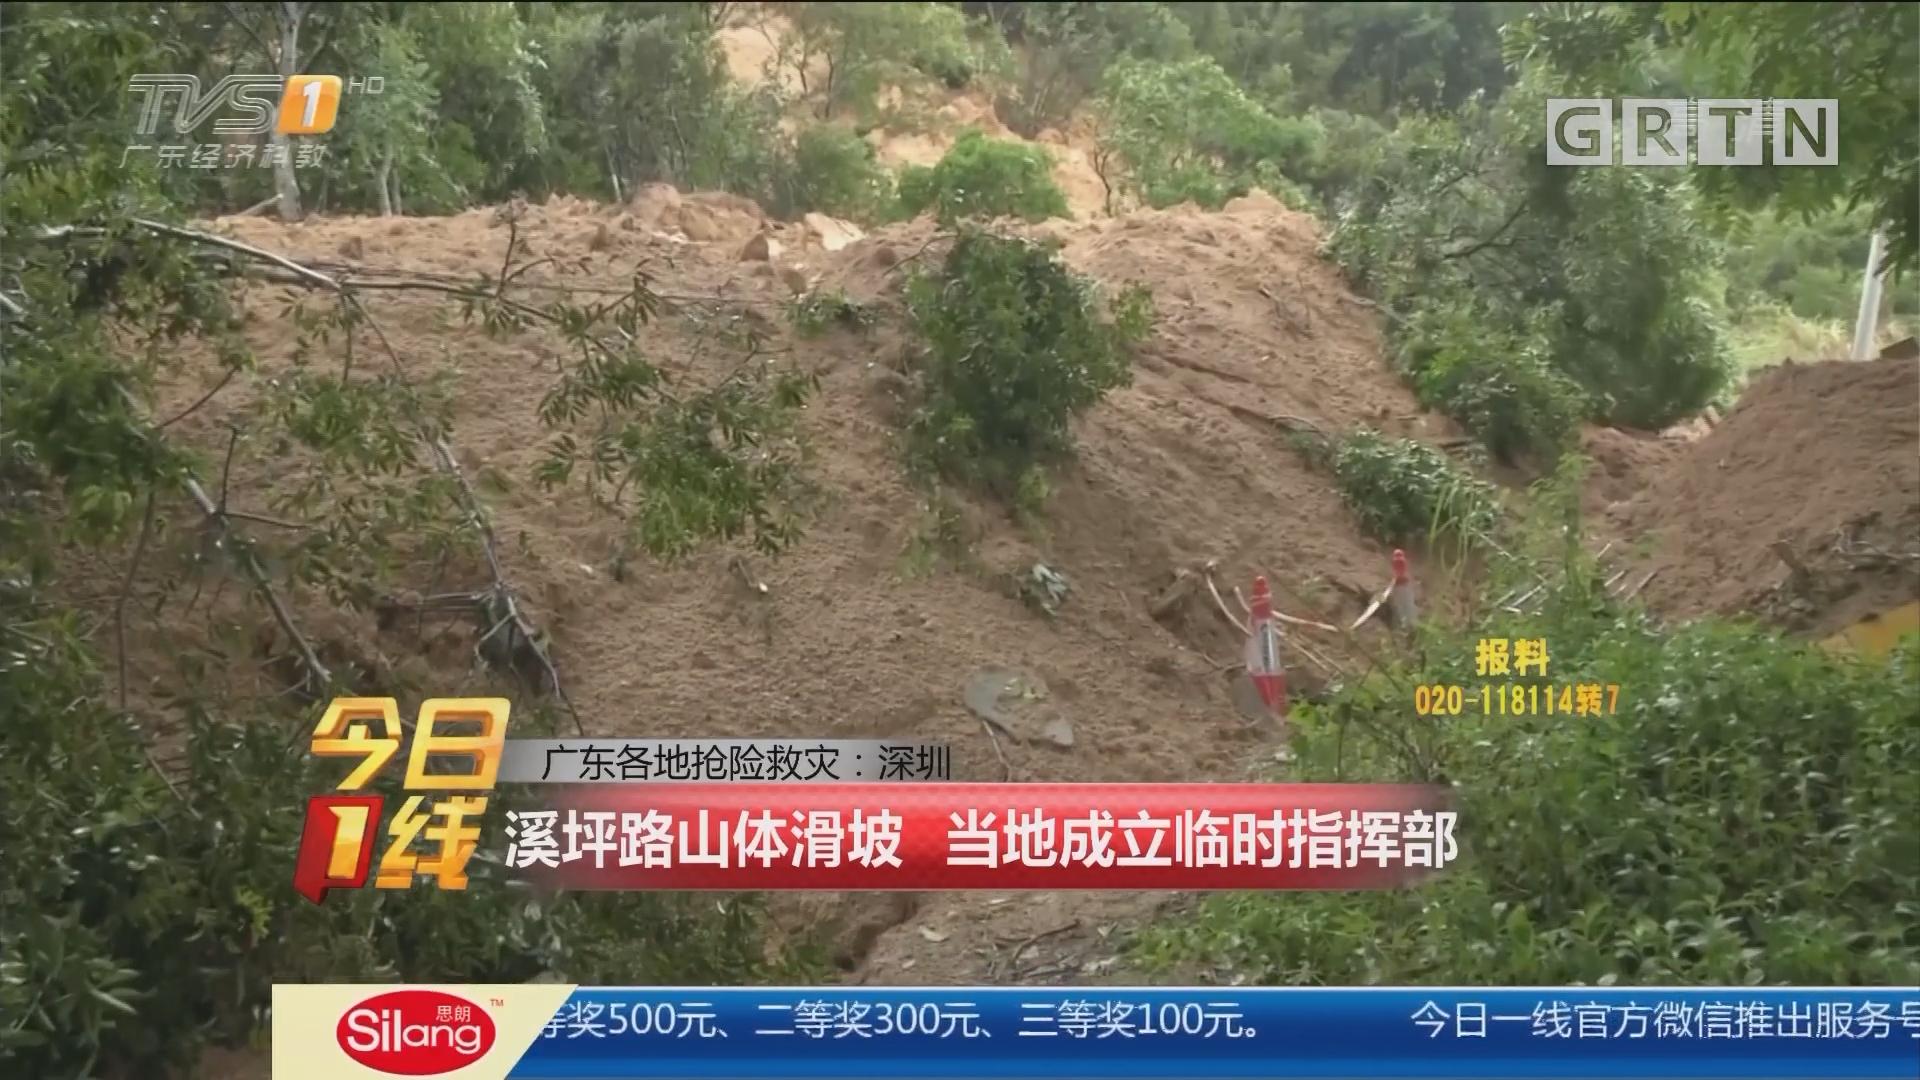 广东各地抢险救灾:深圳 溪坪路山体滑坡 当地成立临时指挥部